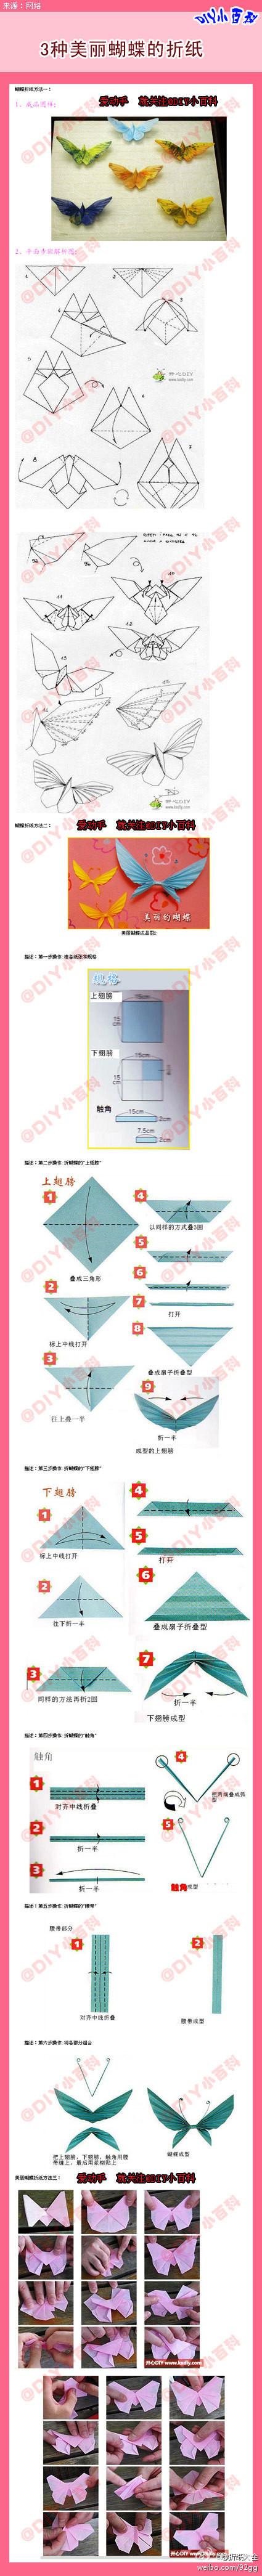 【3种美丽蝴蝶的折纸